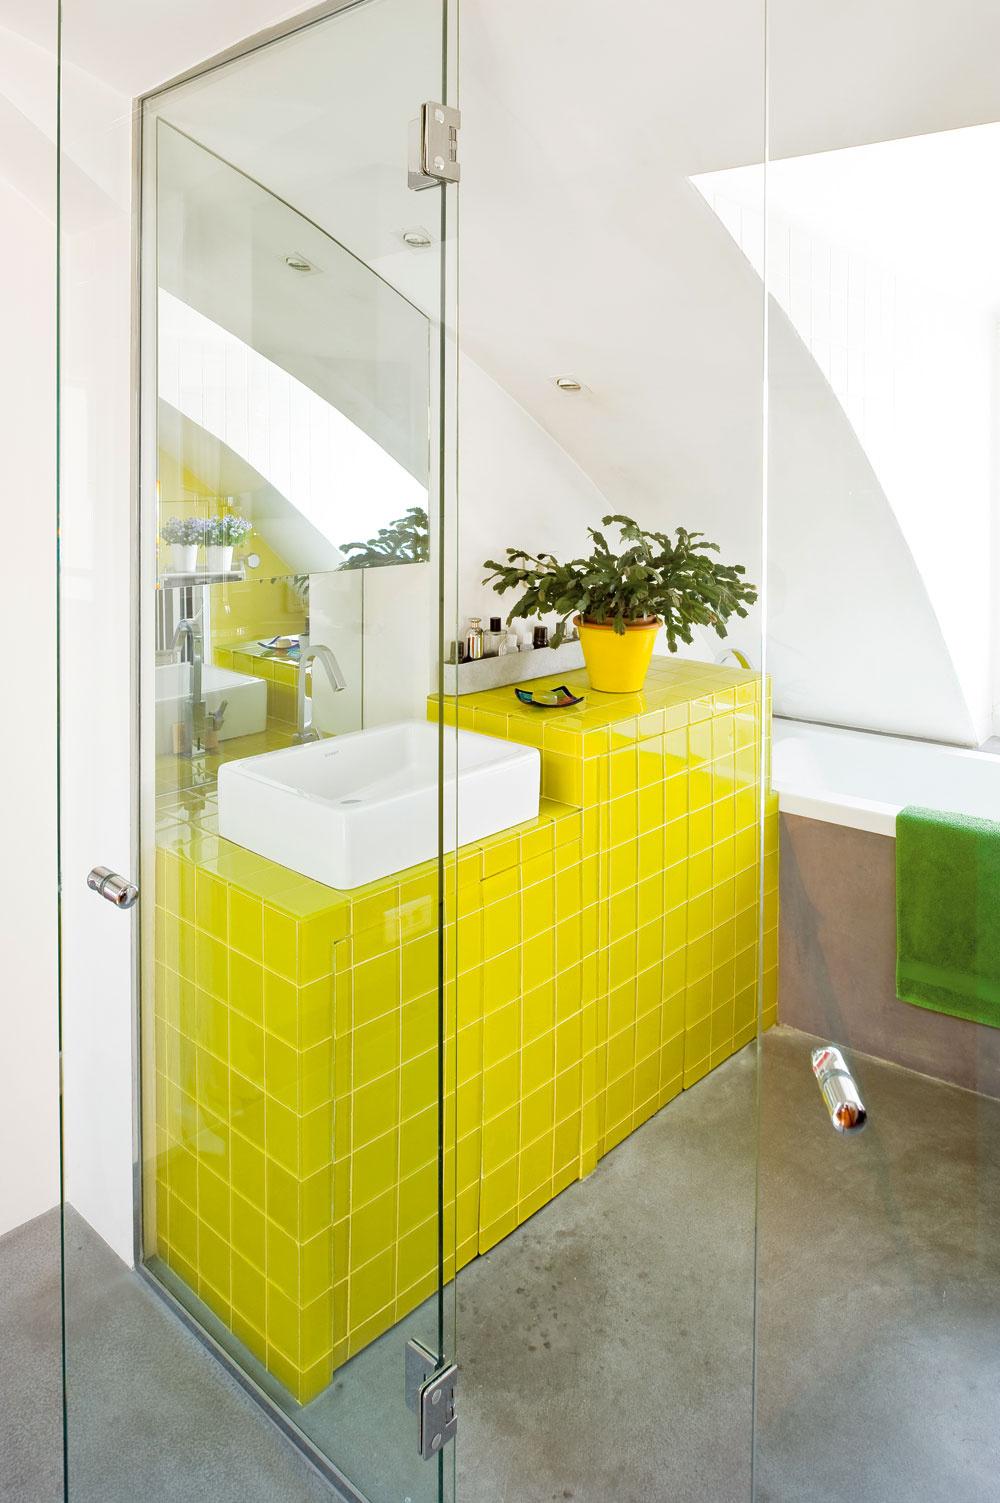 Jednotná hladká podlaha anenápadné steny pomohli zjednotiť aopticky zväčšiť pomerne malý akomplikovane členitý priestor, jasné farby dodali každej funkčnej zóne vlastnú identitu. Kúpeľňu oživenú sviežim odtieňom citrusov otvoril architekt do kuchyne aaj vďaka svojej farbe perfektne zapadla do denného obytného celku.